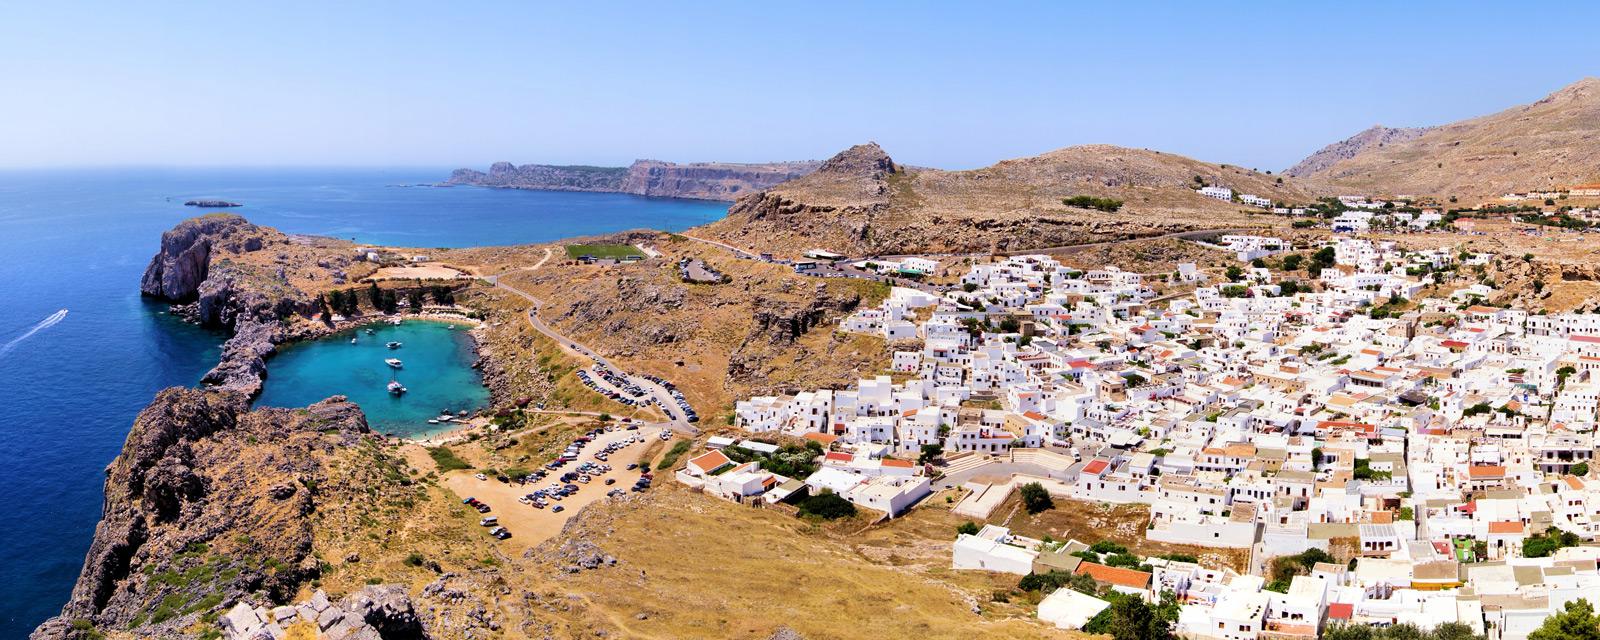 Индивидуальный обзорный тур по острову Родос